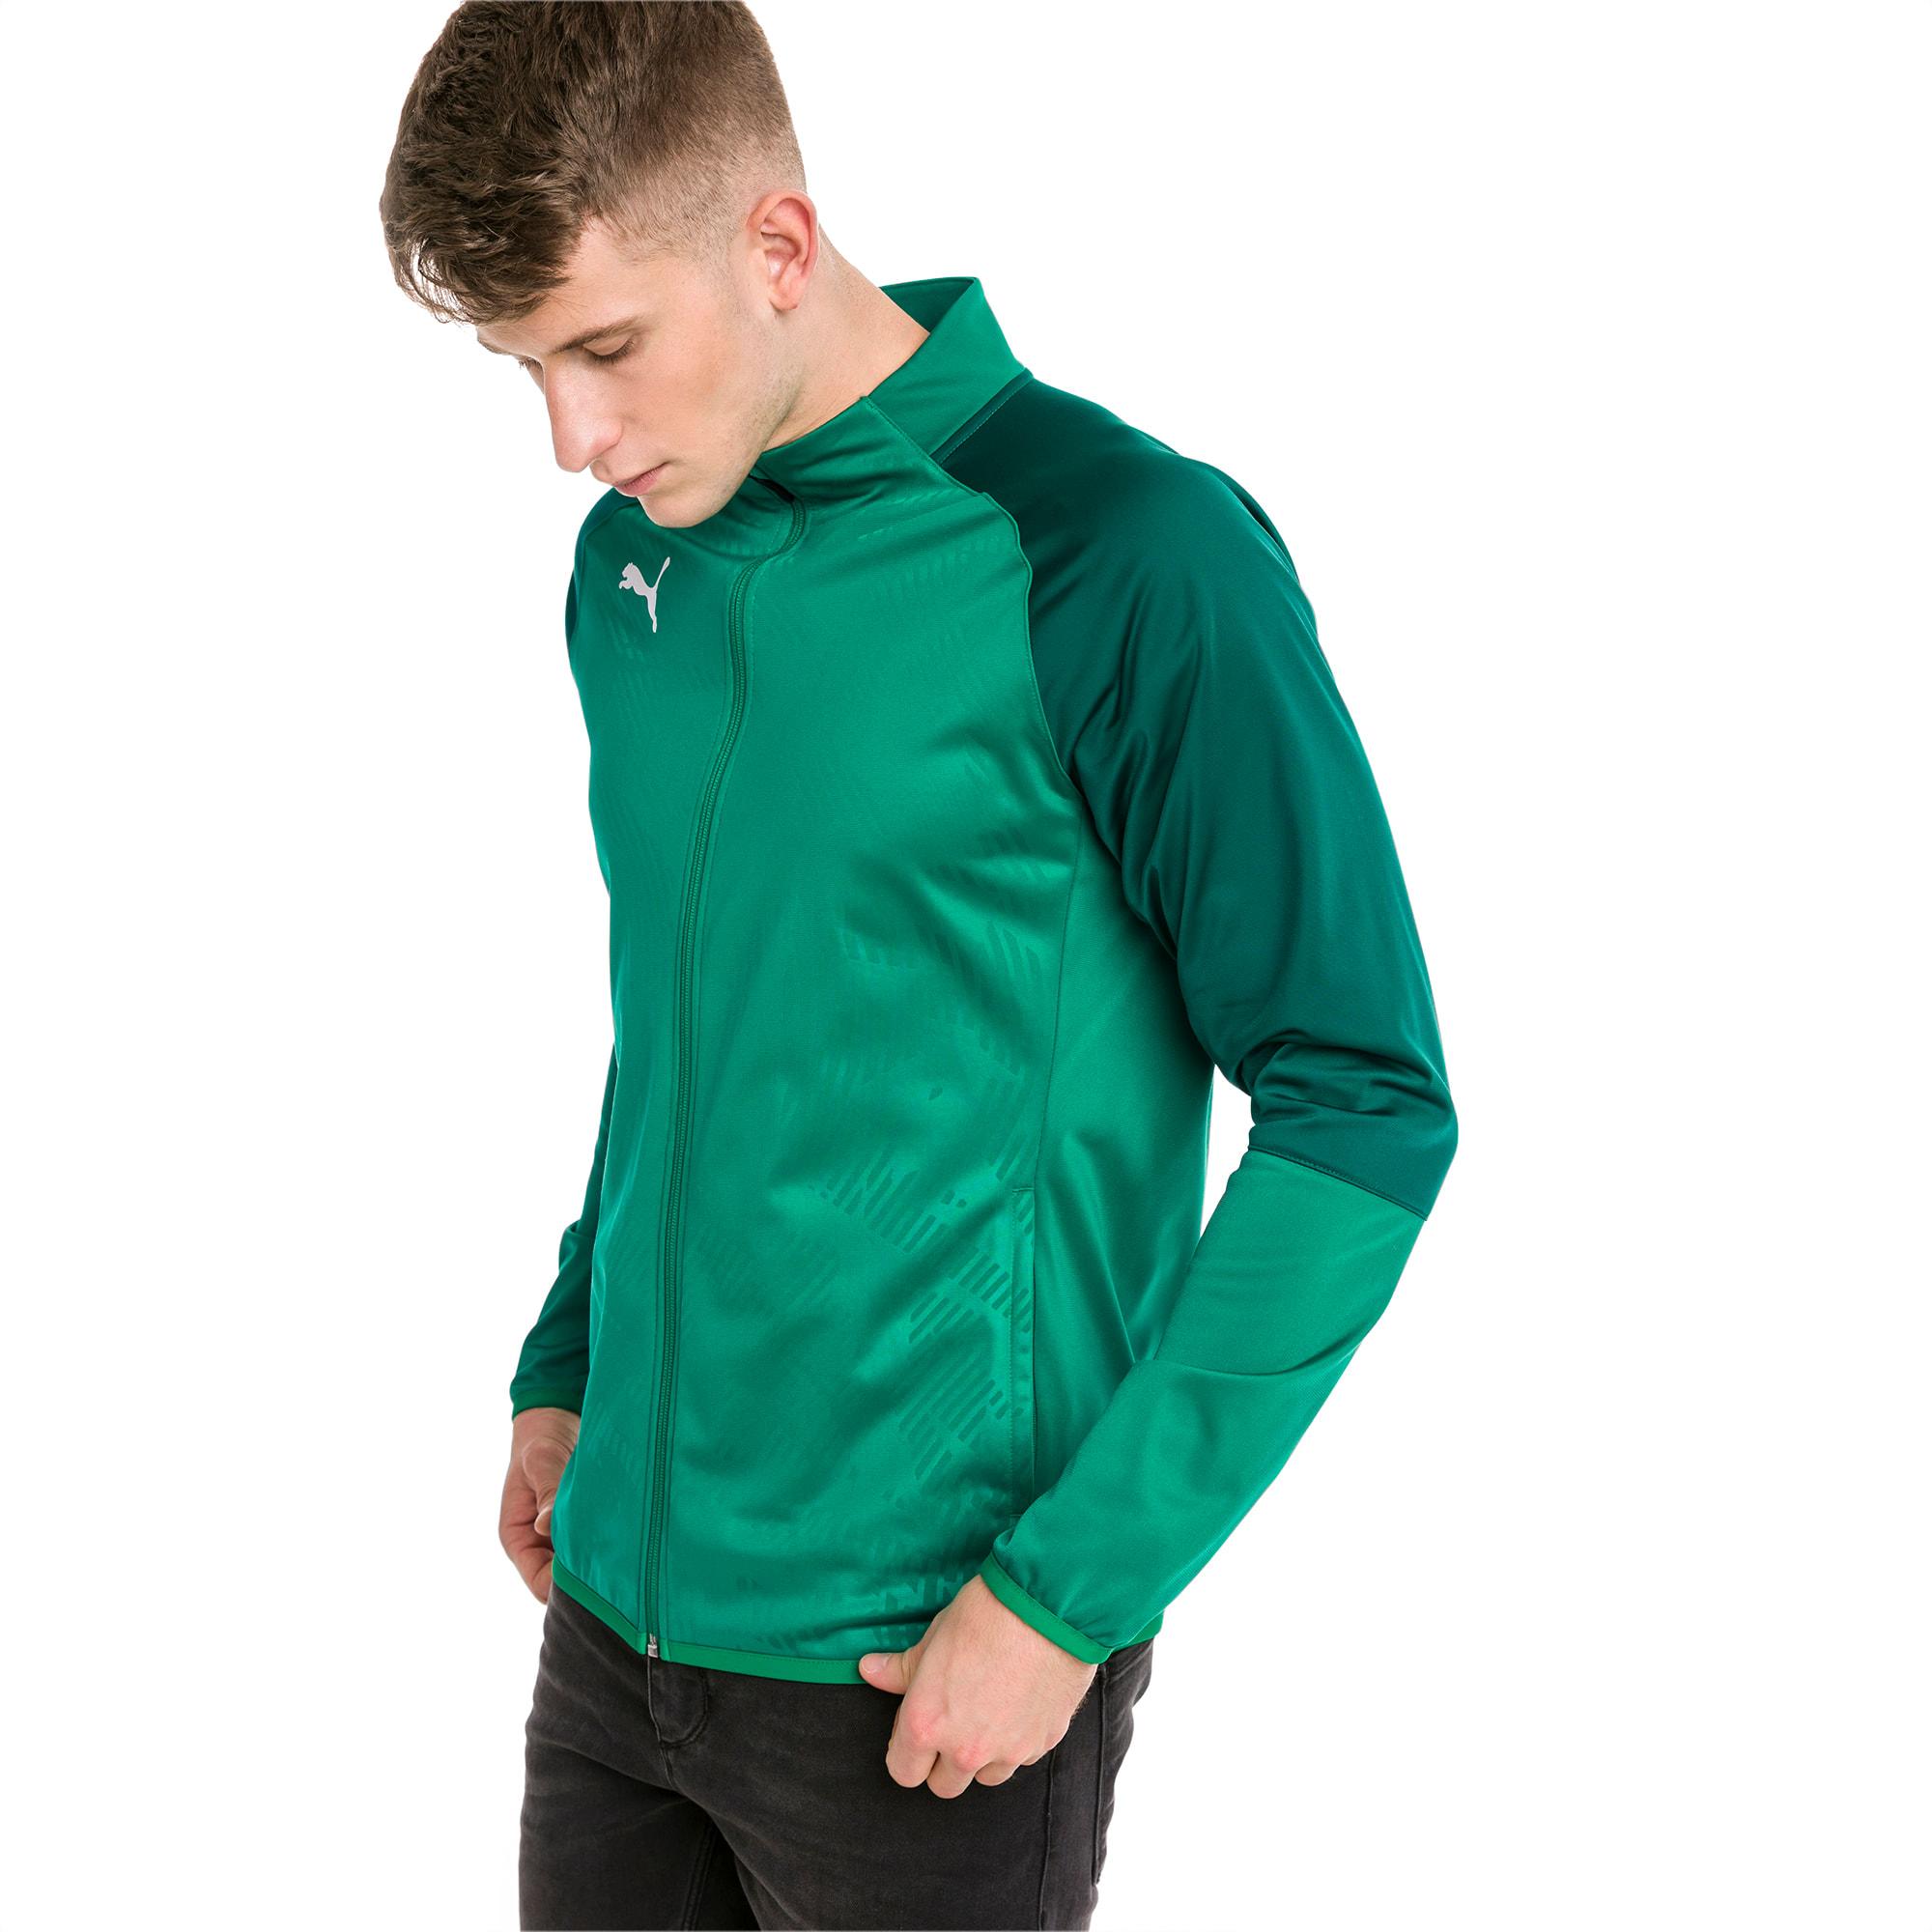 blouson de survêtement pour le foot cup training poly core pour homme, vert, taille l, vêtements